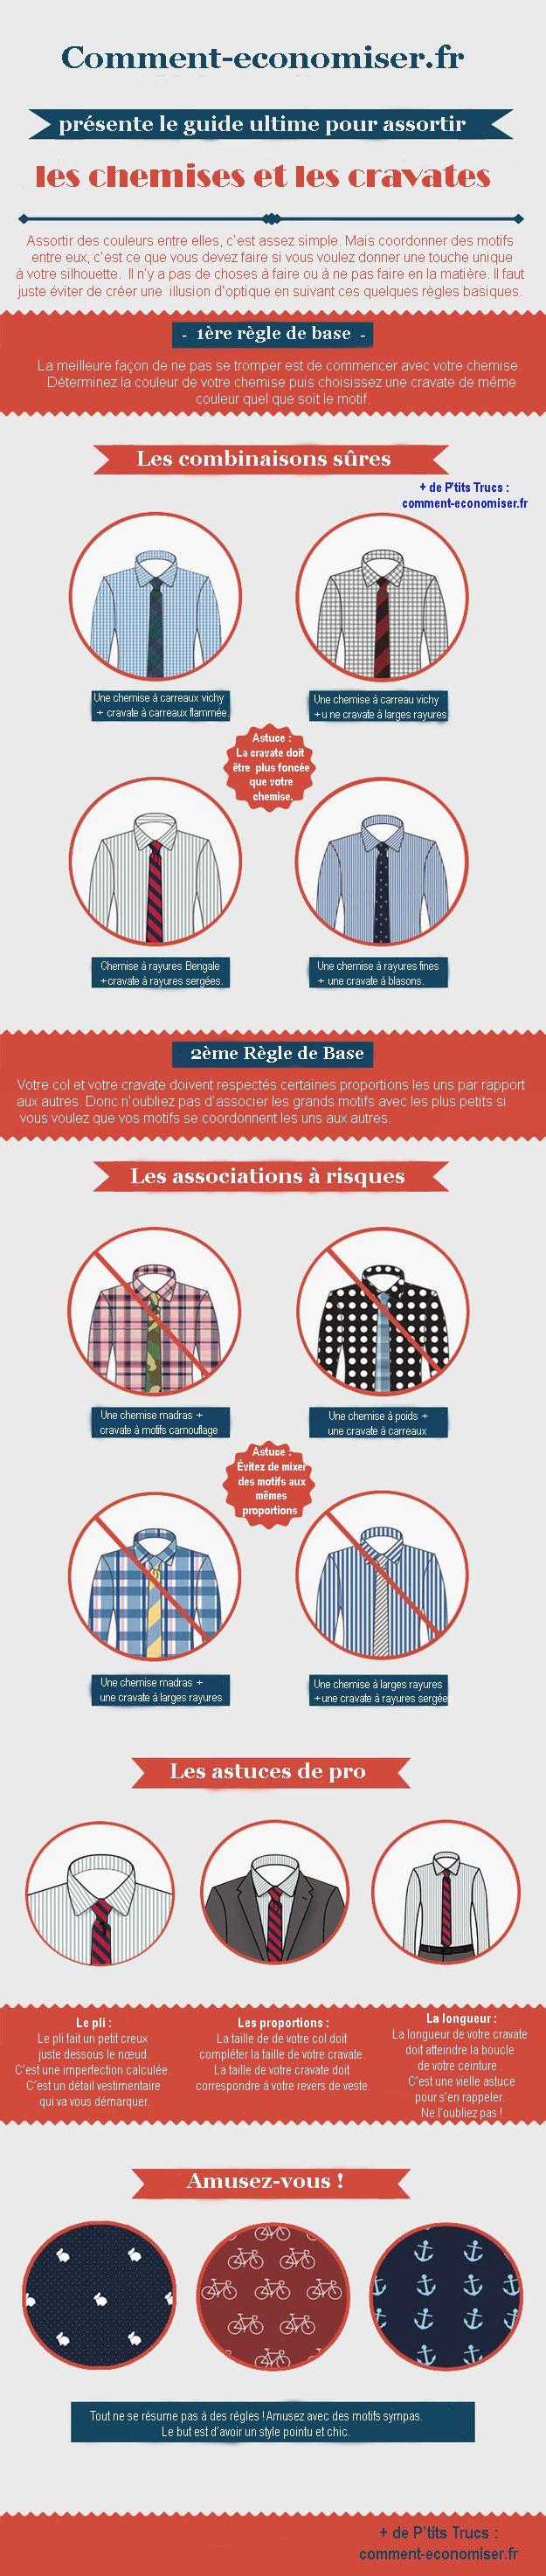 Assortir des couleurs entre elles, c'est assez simple. Coordonner des motifs entre eux, c'est déjà plus compliqué. Suivez ce guide pour assortir chemises et cravates facilement.  Découvrez l'astuce ici : http://www.comment-economiser.fr/guide-facile-comment-assortir-chemise-et-cravate.html?utm_content=buffer06d63&utm_medium=social&utm_source=pinterest.com&utm_campaign=buffer